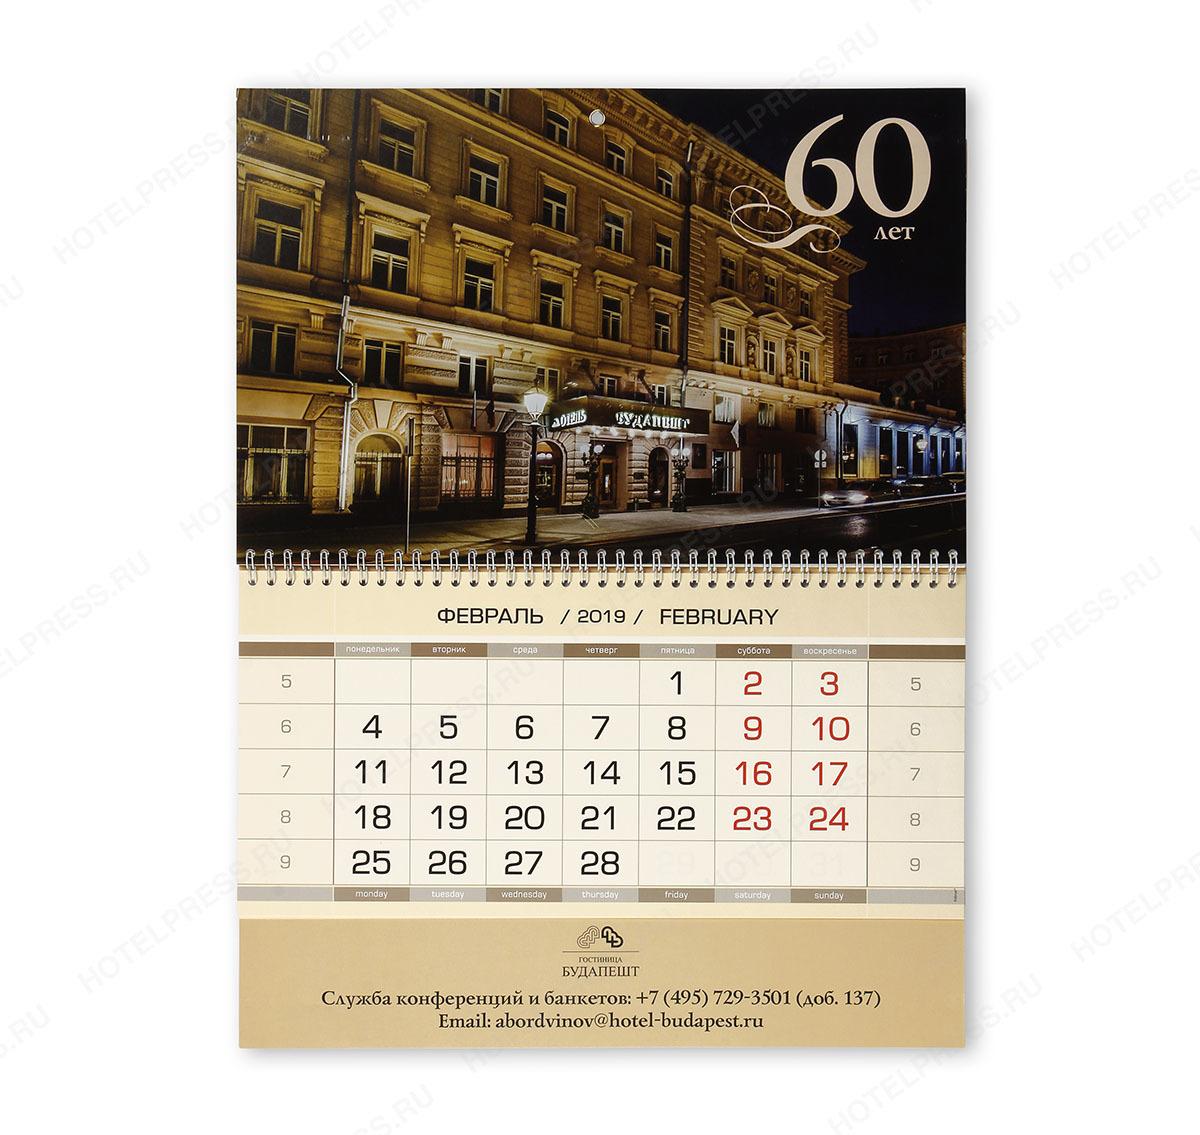 Квартальный календарь на 3-х пружинах для отеля Будапешт